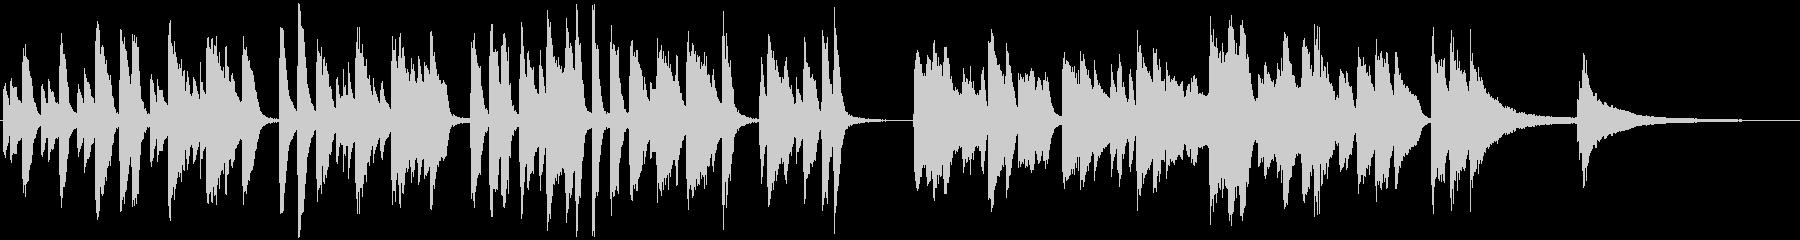 軽快ラグピアノ 映像シーン ウキウキ感の未再生の波形